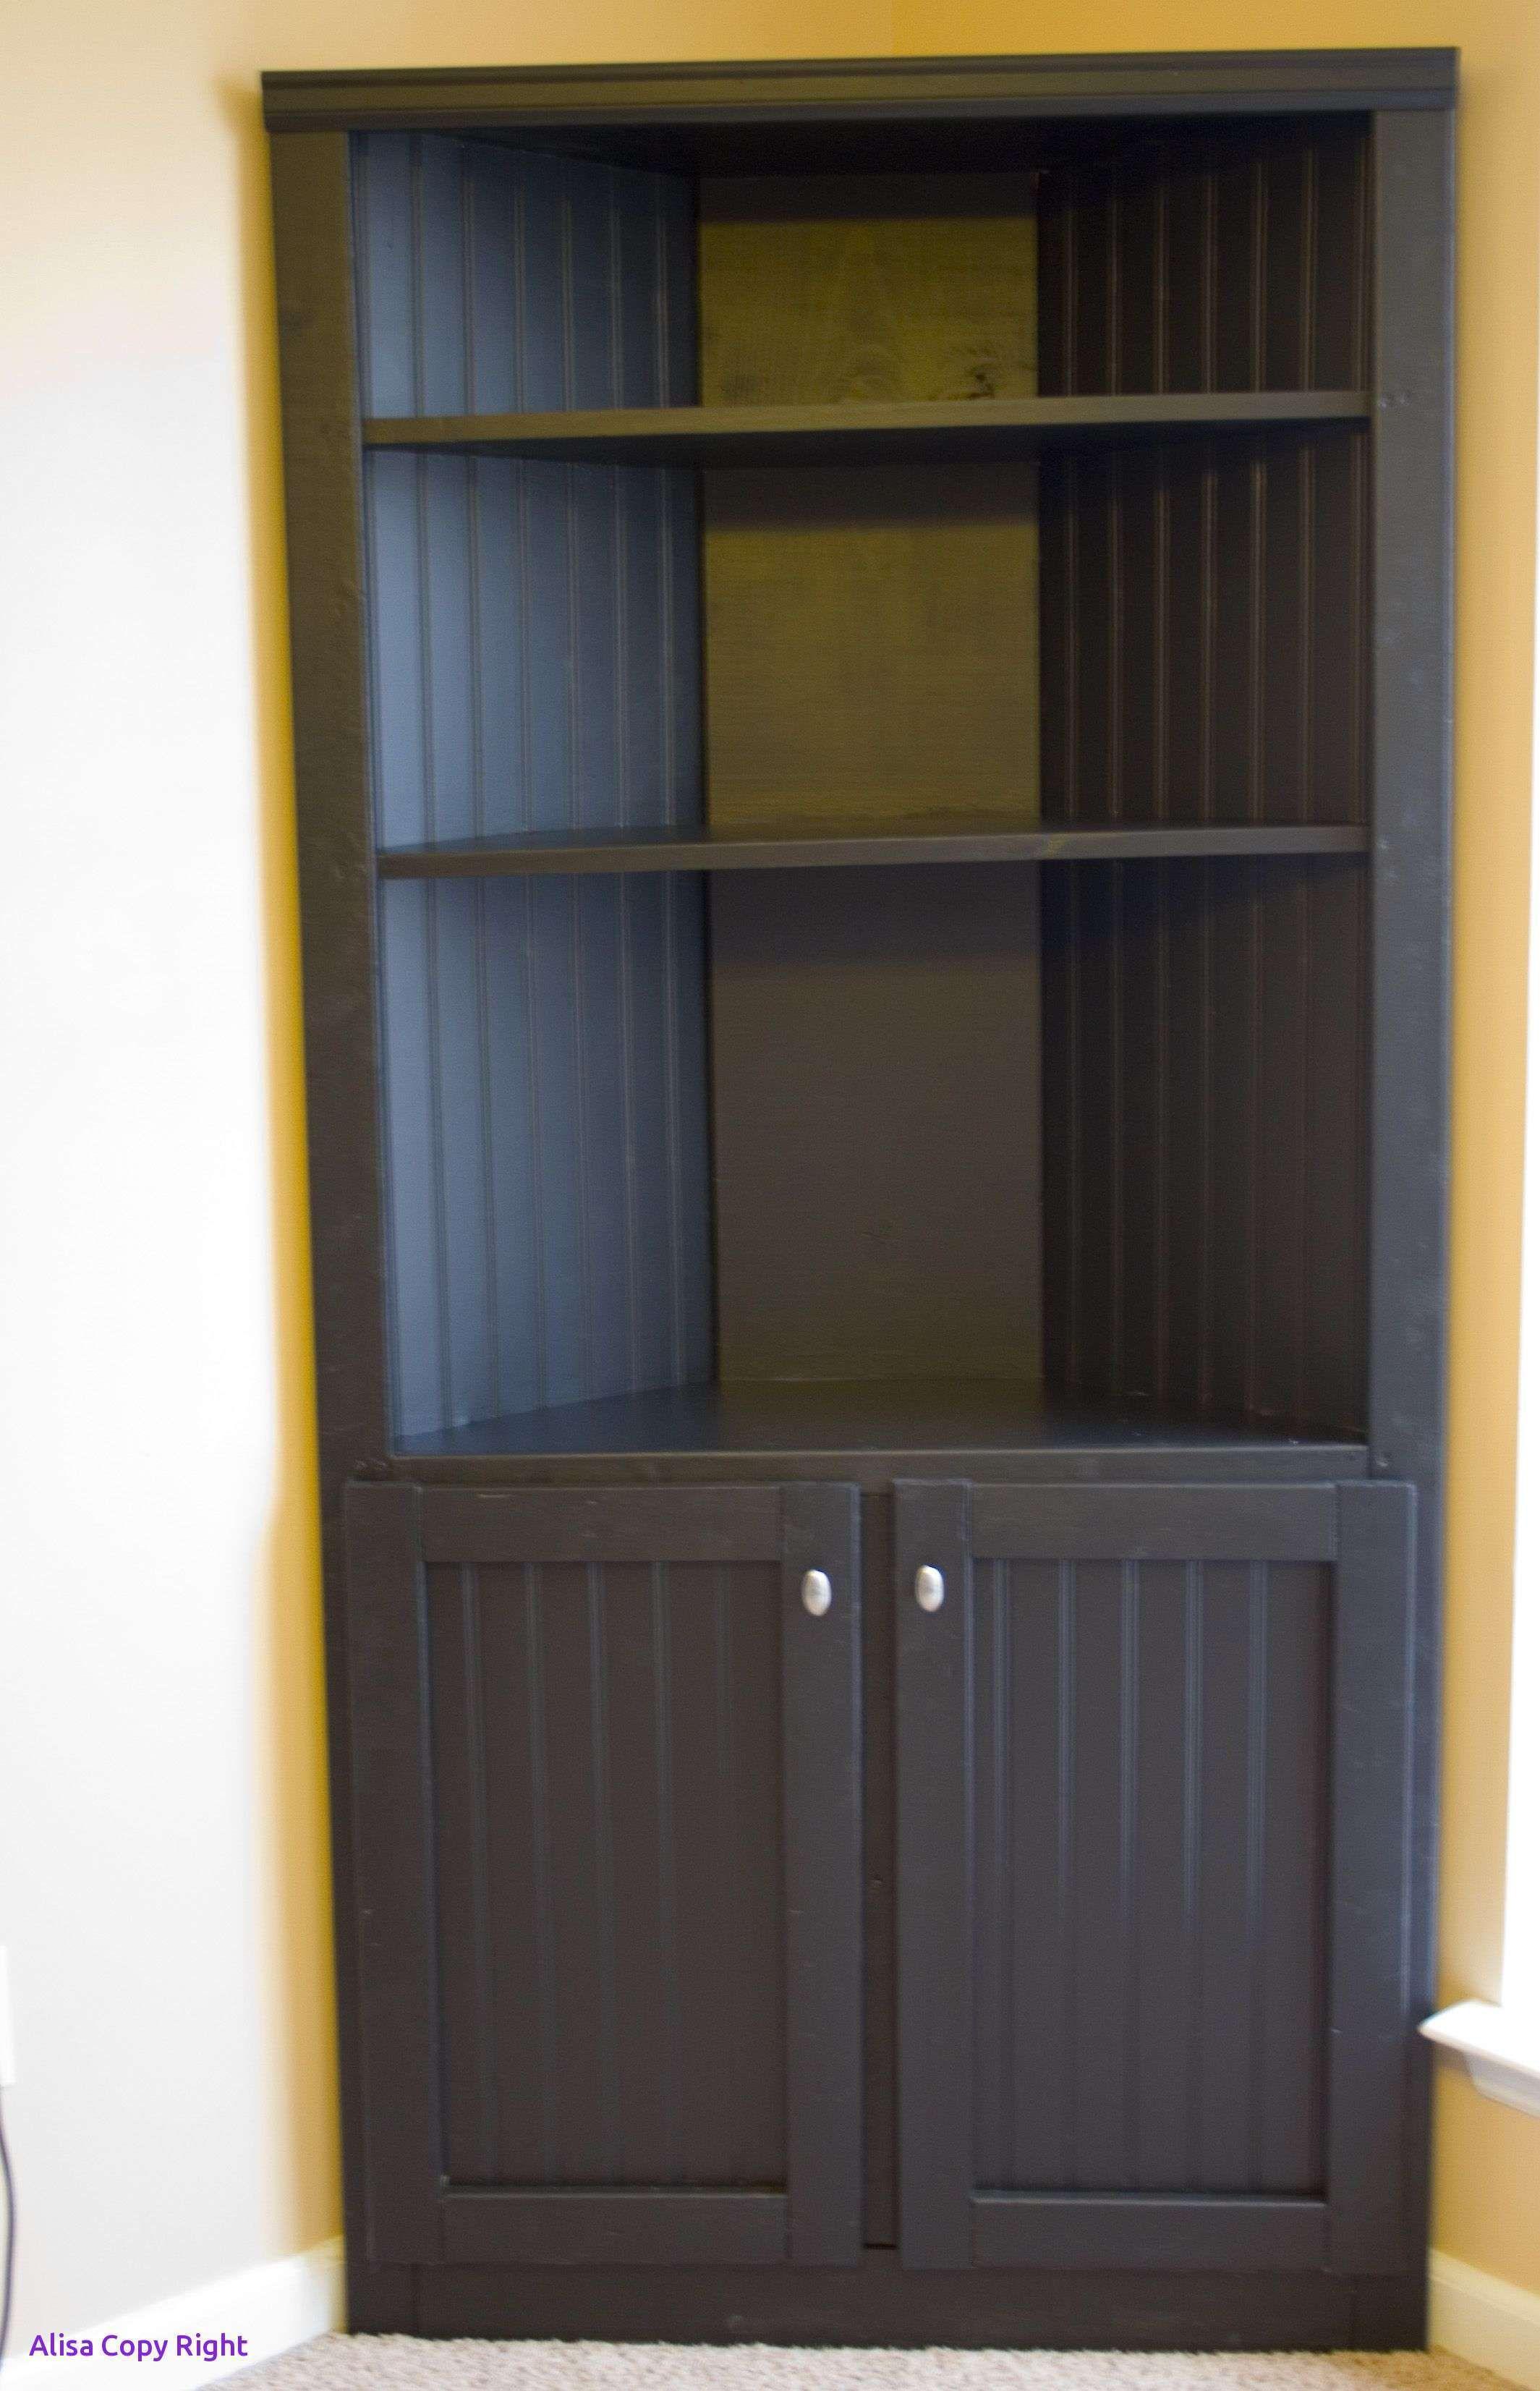 Corner Built In Shelves Homedecoration Homedecorations Homedecorationideas Homedecorat Corner Storage Cabinet Living Room Corner Storage Cabinet Shelves